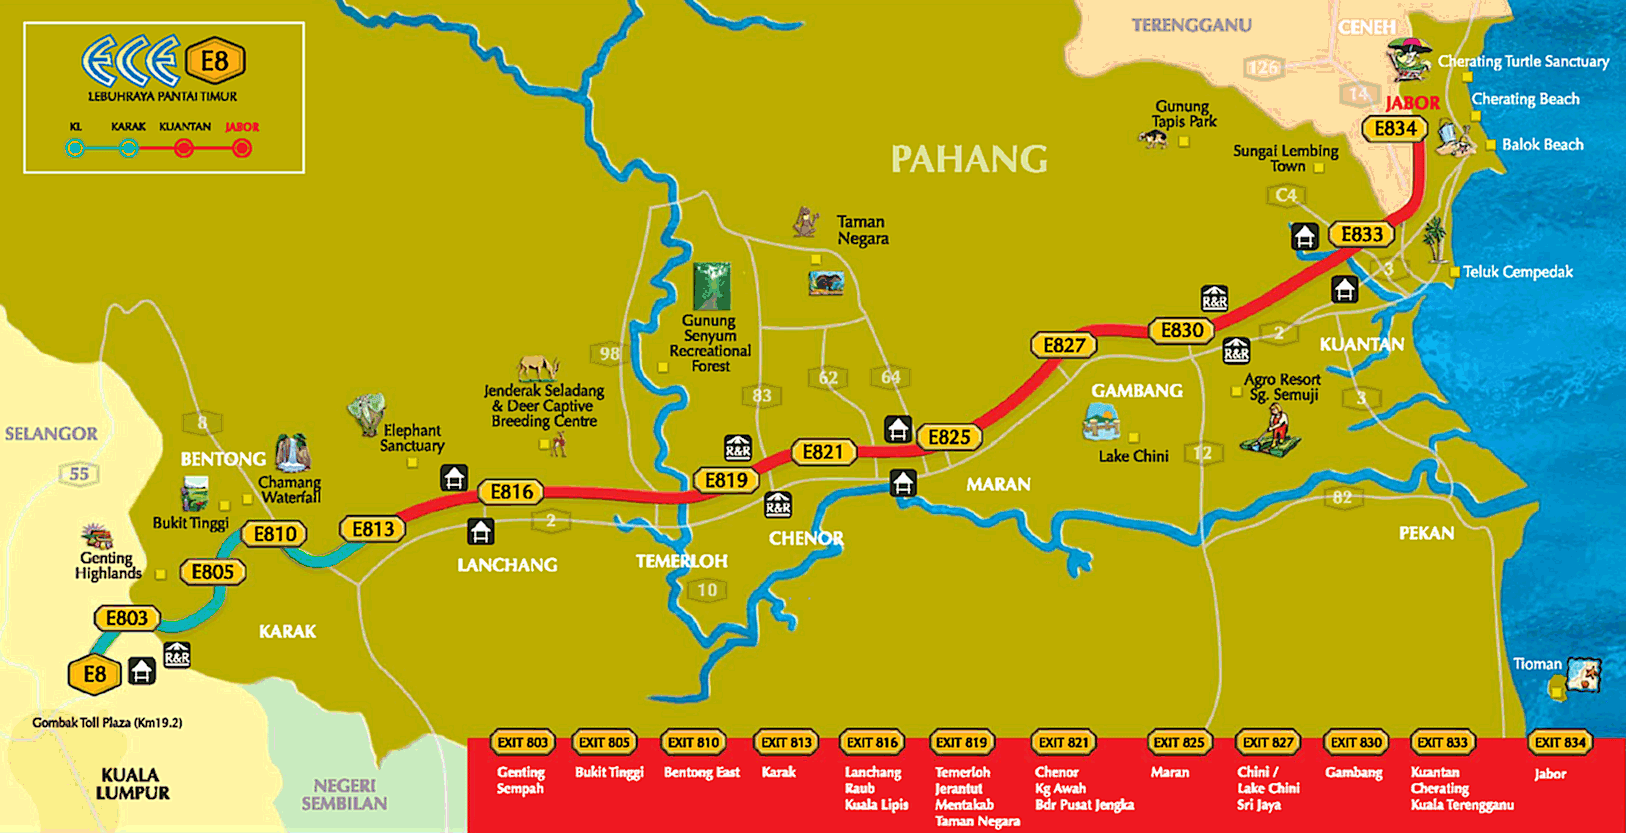 Kuala Lumpur - Everything You Need to Know About Kuala Lumpur